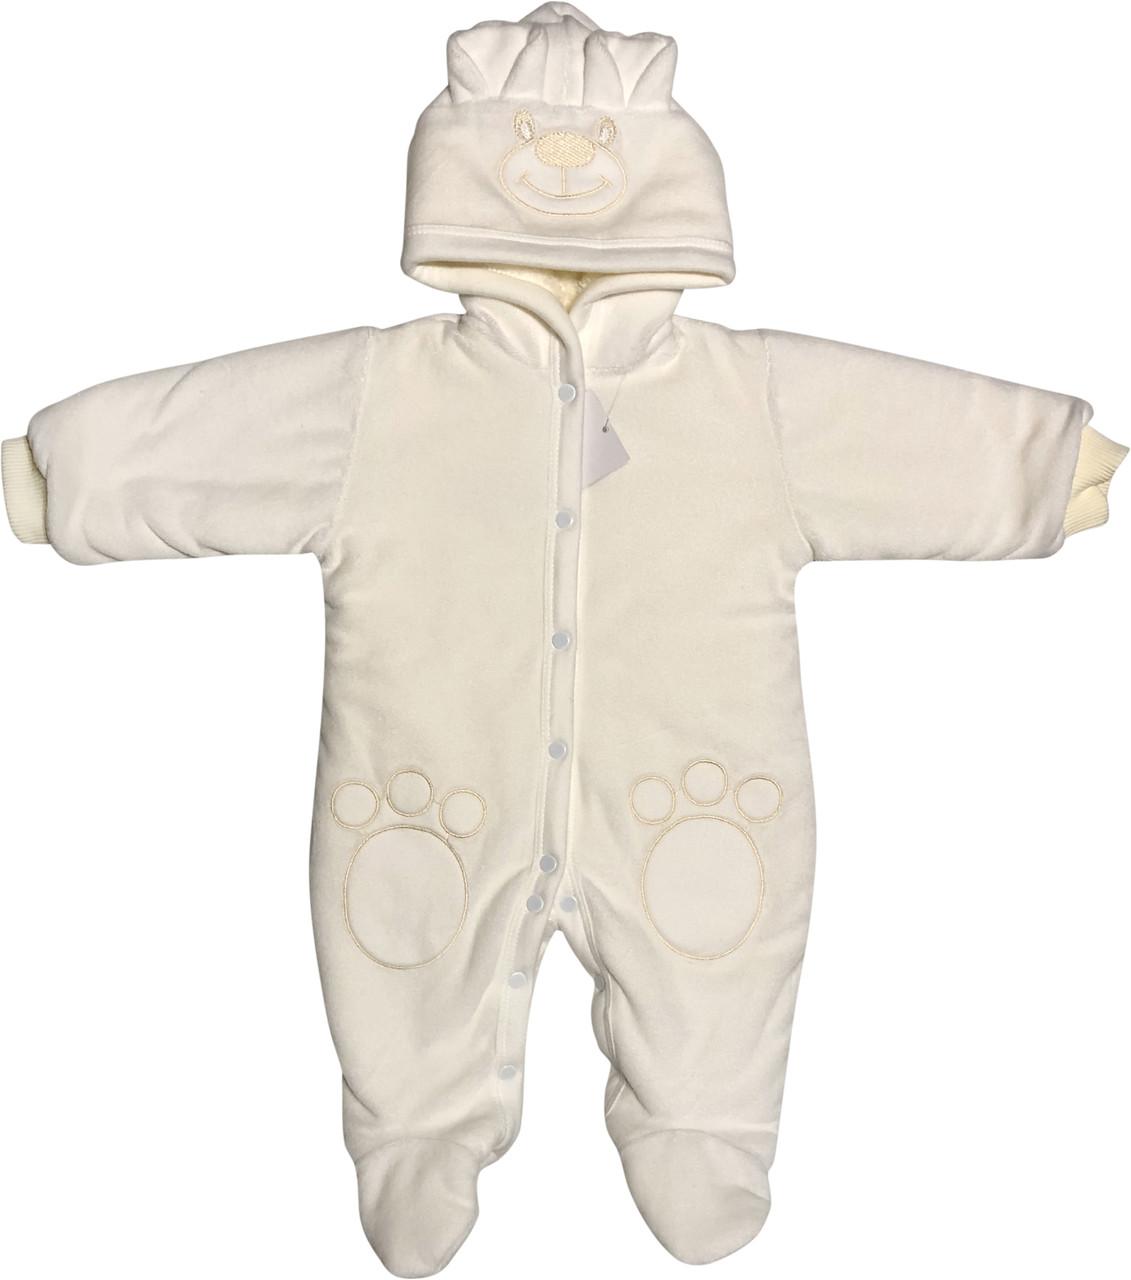 Утеплений чоловічок для малюків ріст 62 2-3 міс на хлопчика дівчинку з підкладкою капюшоном велюровий молочний